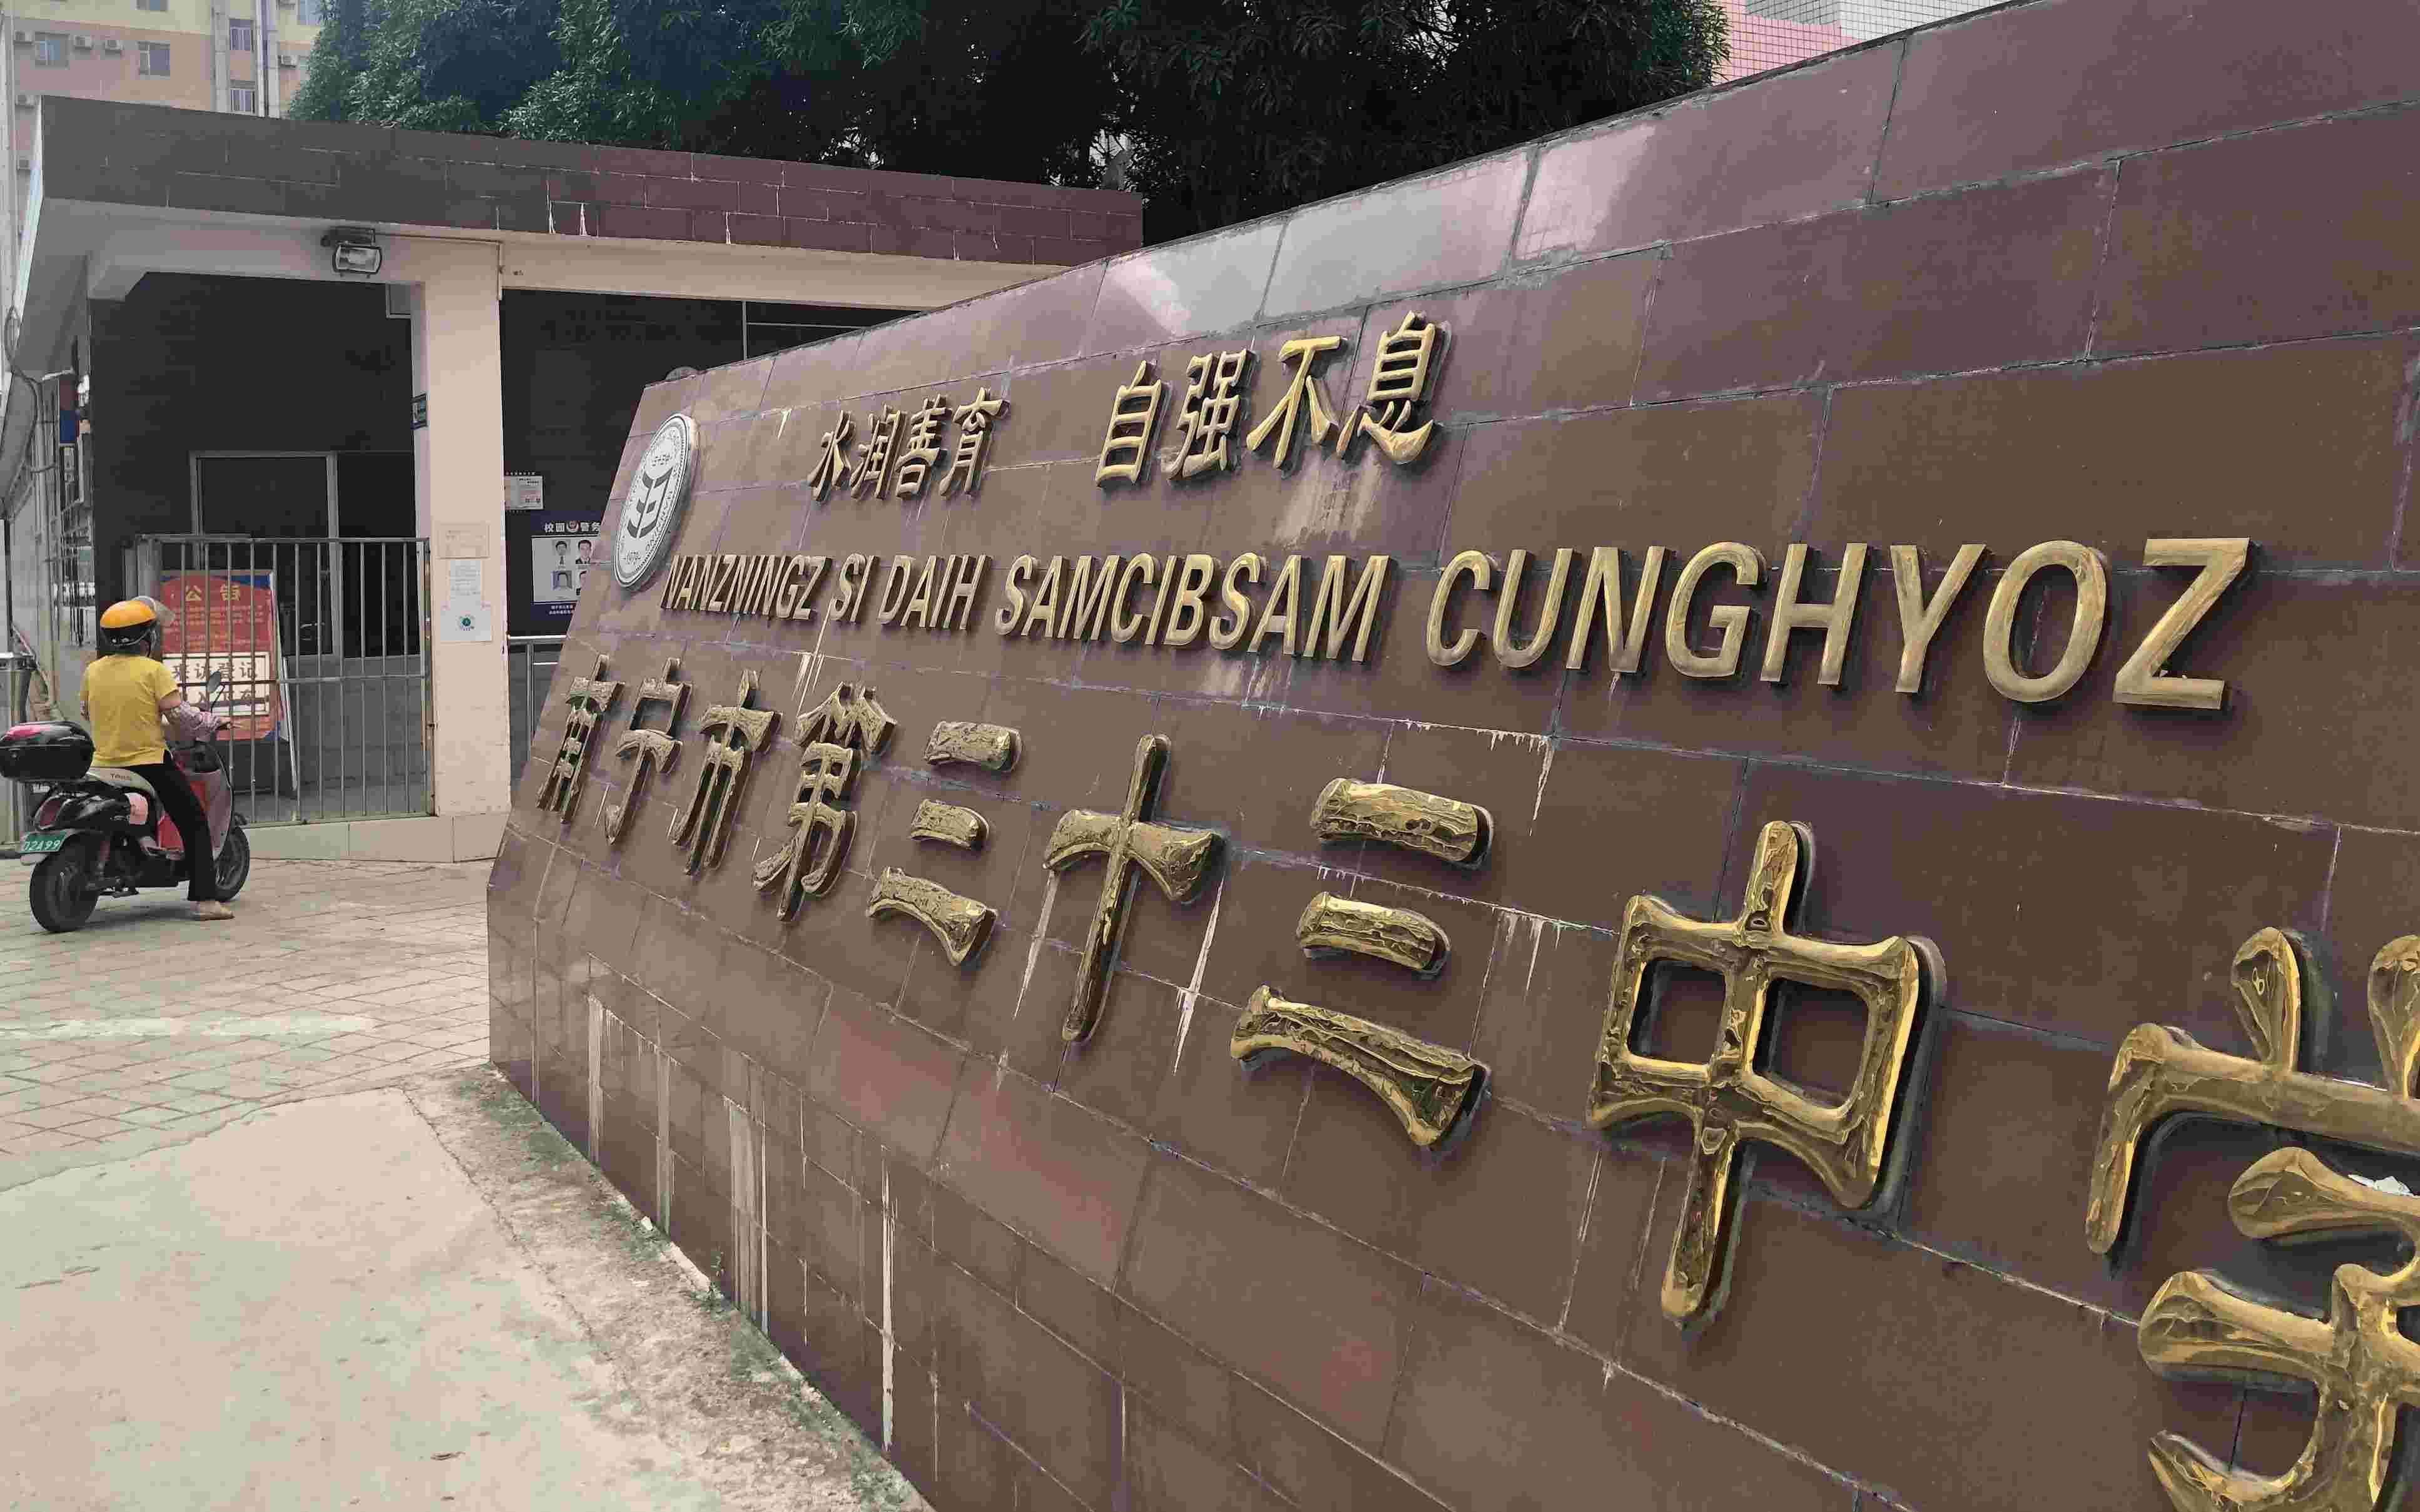 南宁青年涉嫌杀害父母事件:有同学透露疑犯性格孤僻